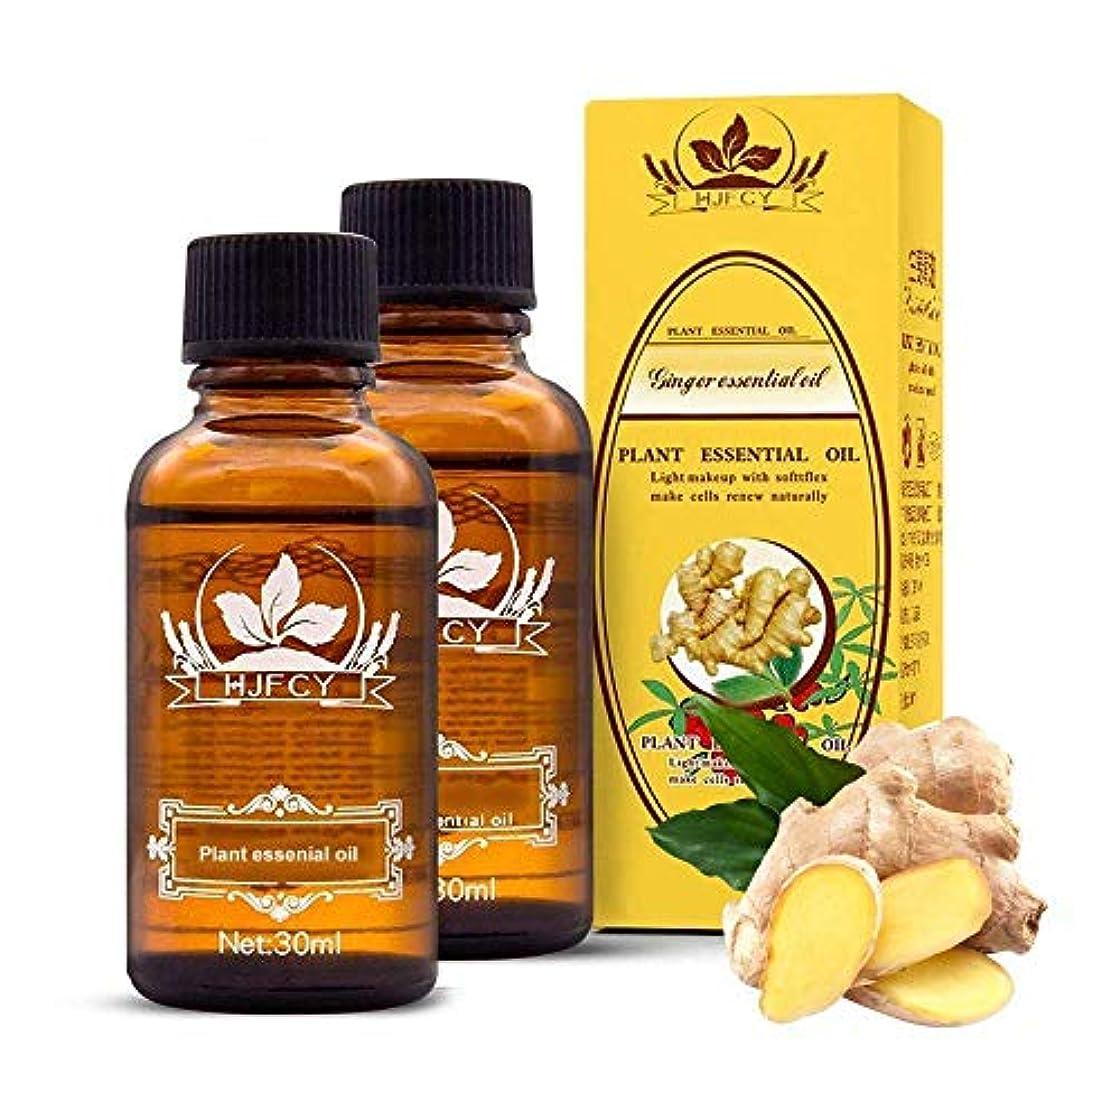 排泄物ラフ雑草2ピースジンジャーエッセンシャルオイル100%純粋な天然ジンジャーオイルスパマッサージオイルジンジャーオイル